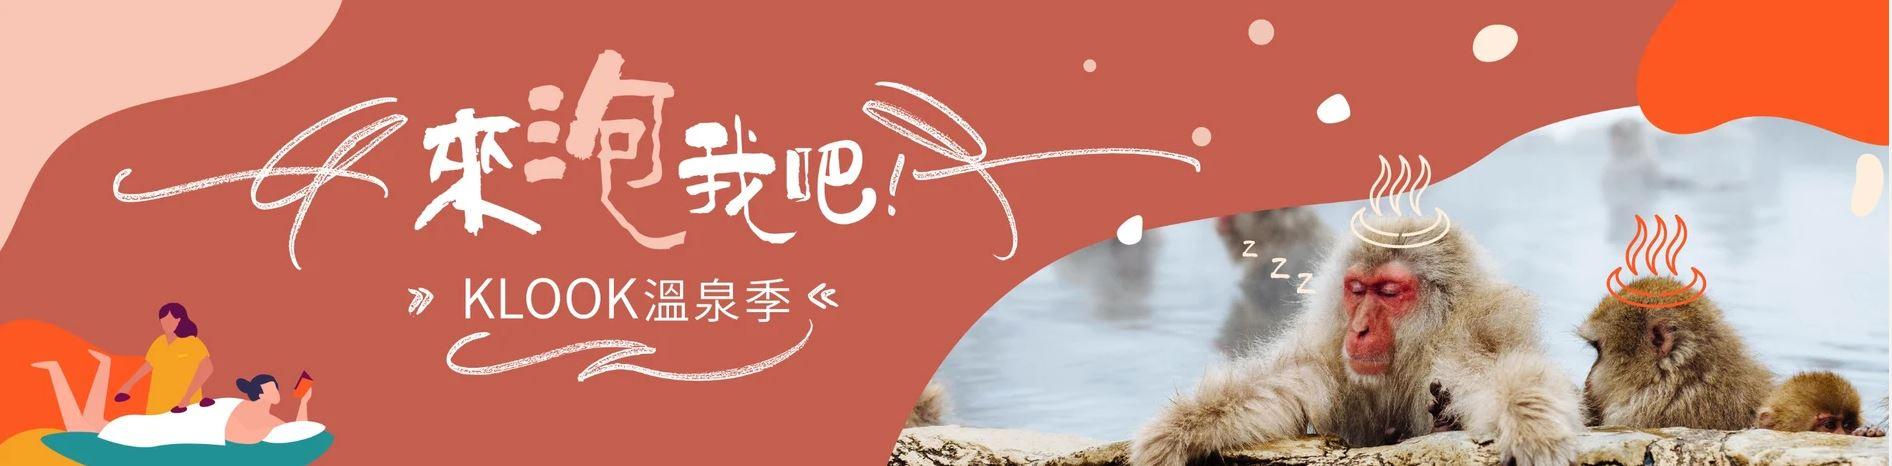 【烏來溫泉推薦】烏來璞石麗緻溫泉會館:泡湯、賞溪、觀雲、與山林對話同時享受! - threeonelee.com